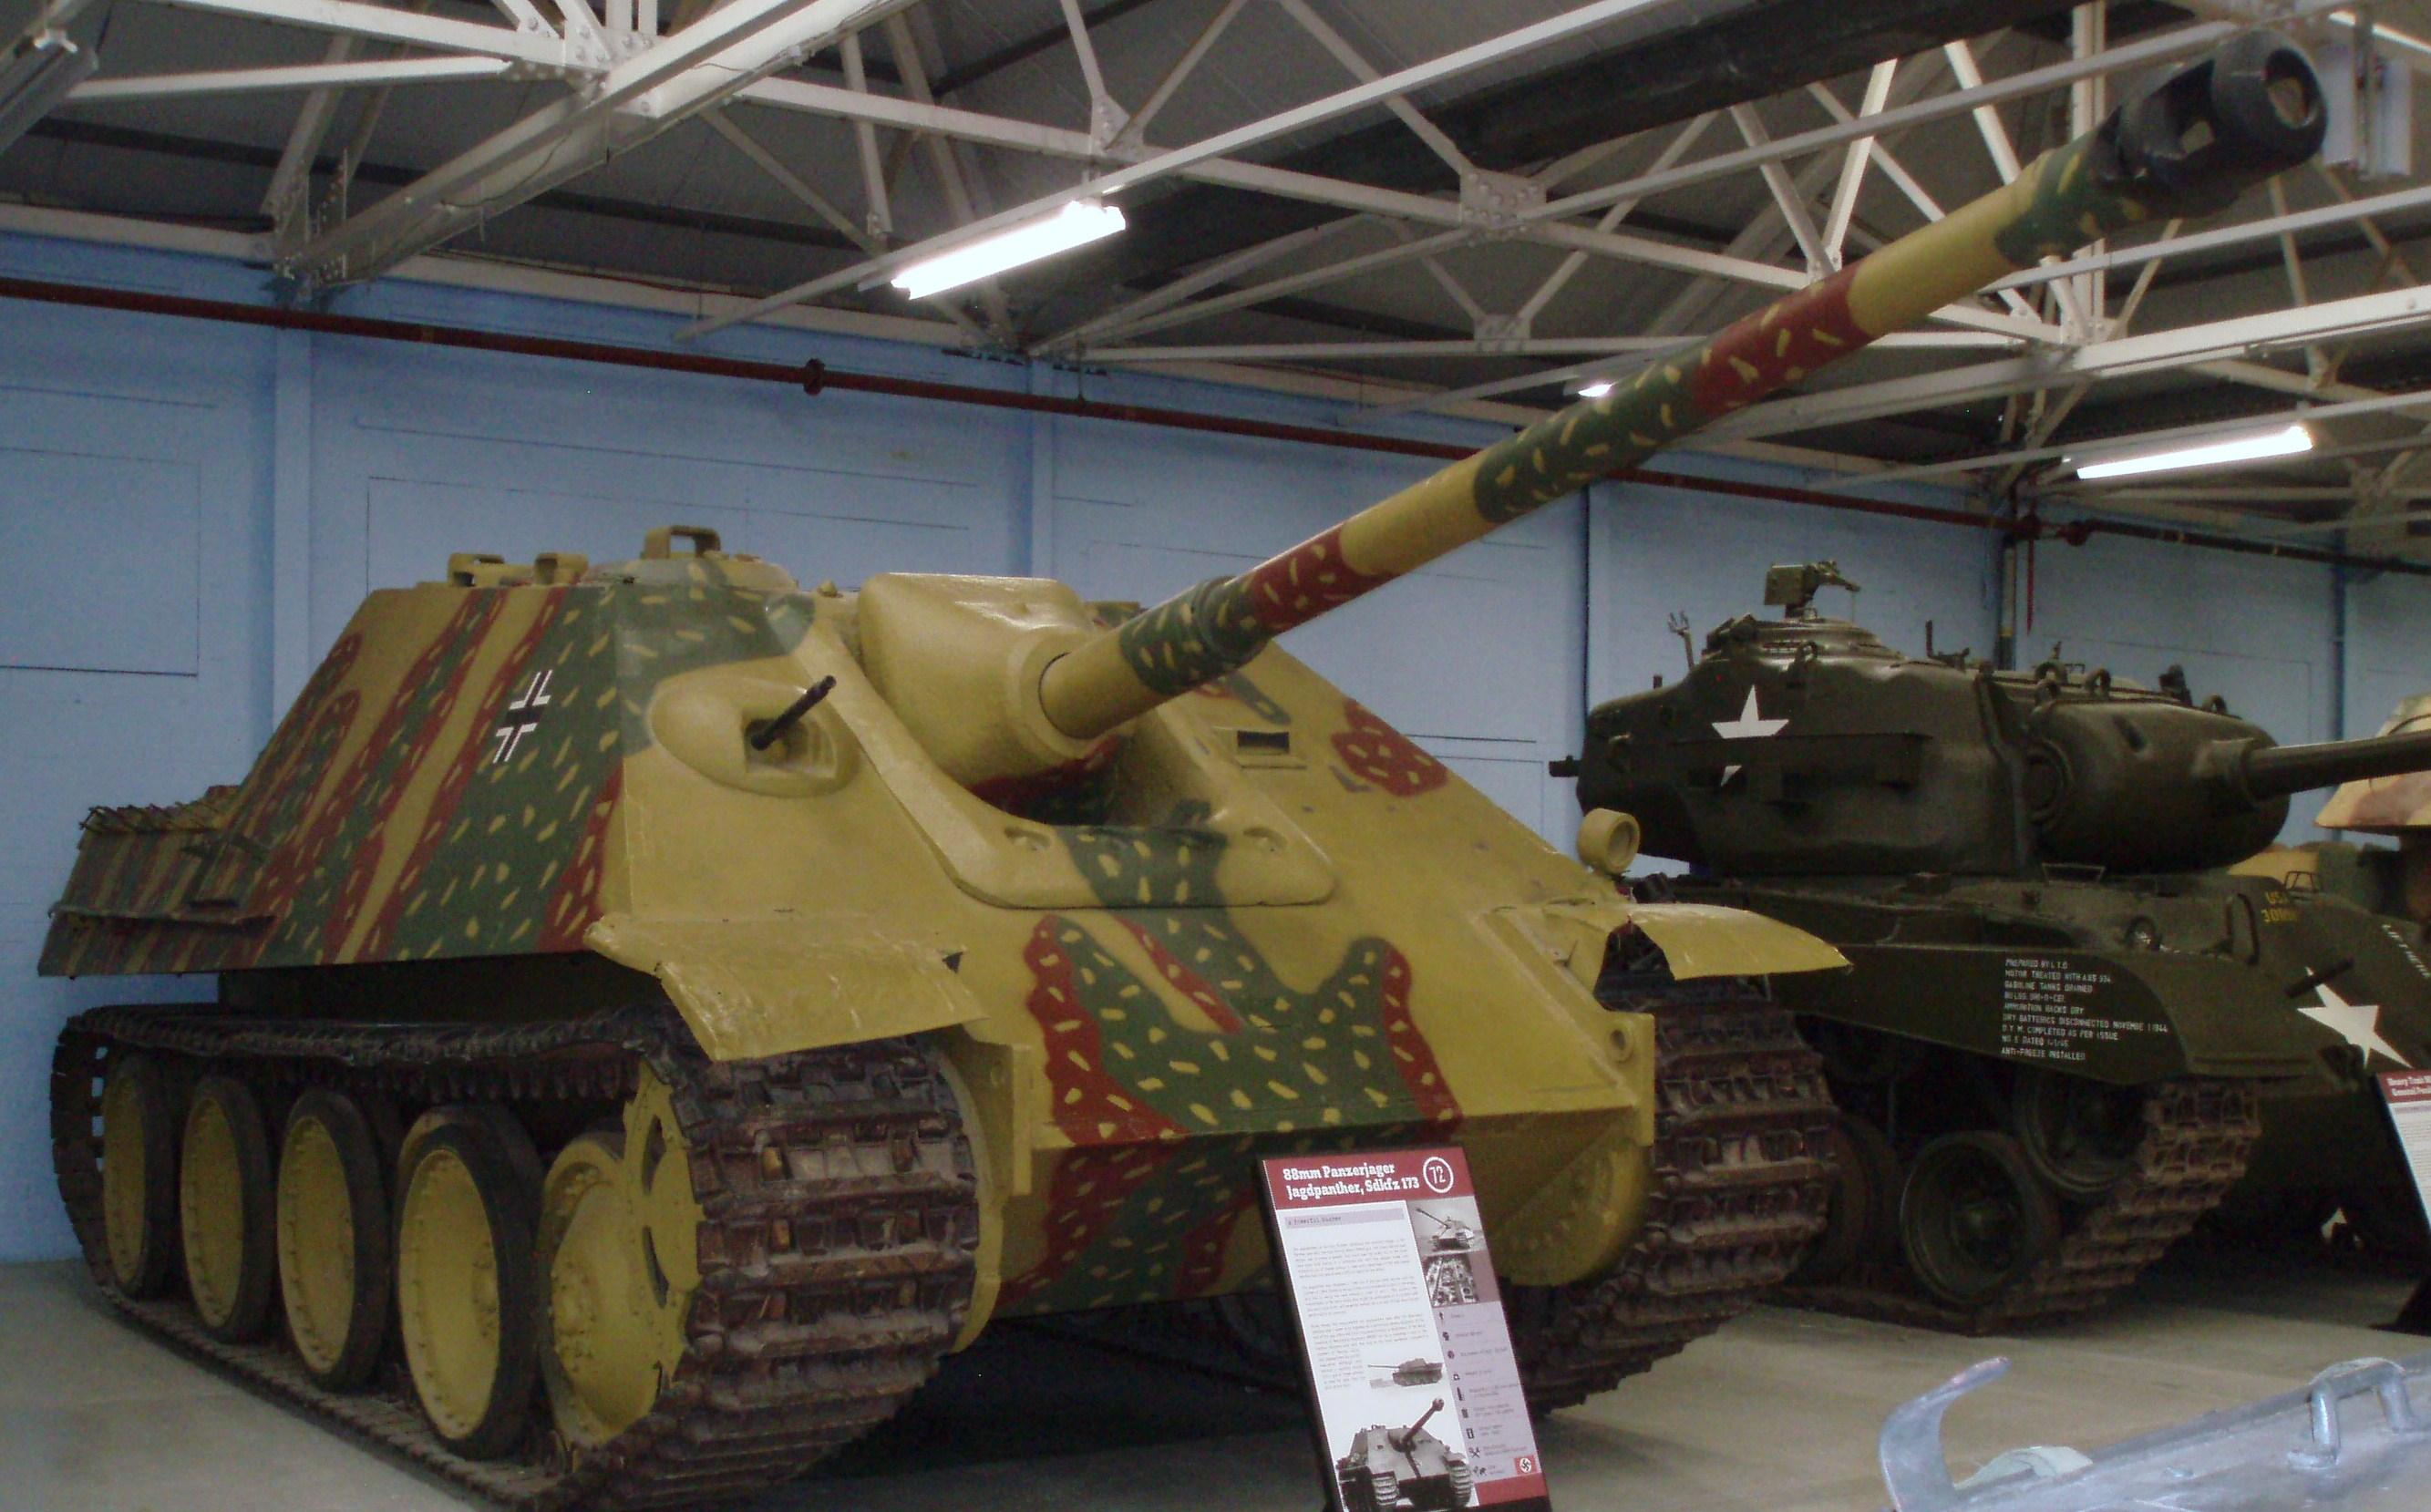 fileflickr davehighbury bovington tank museum 241 88m